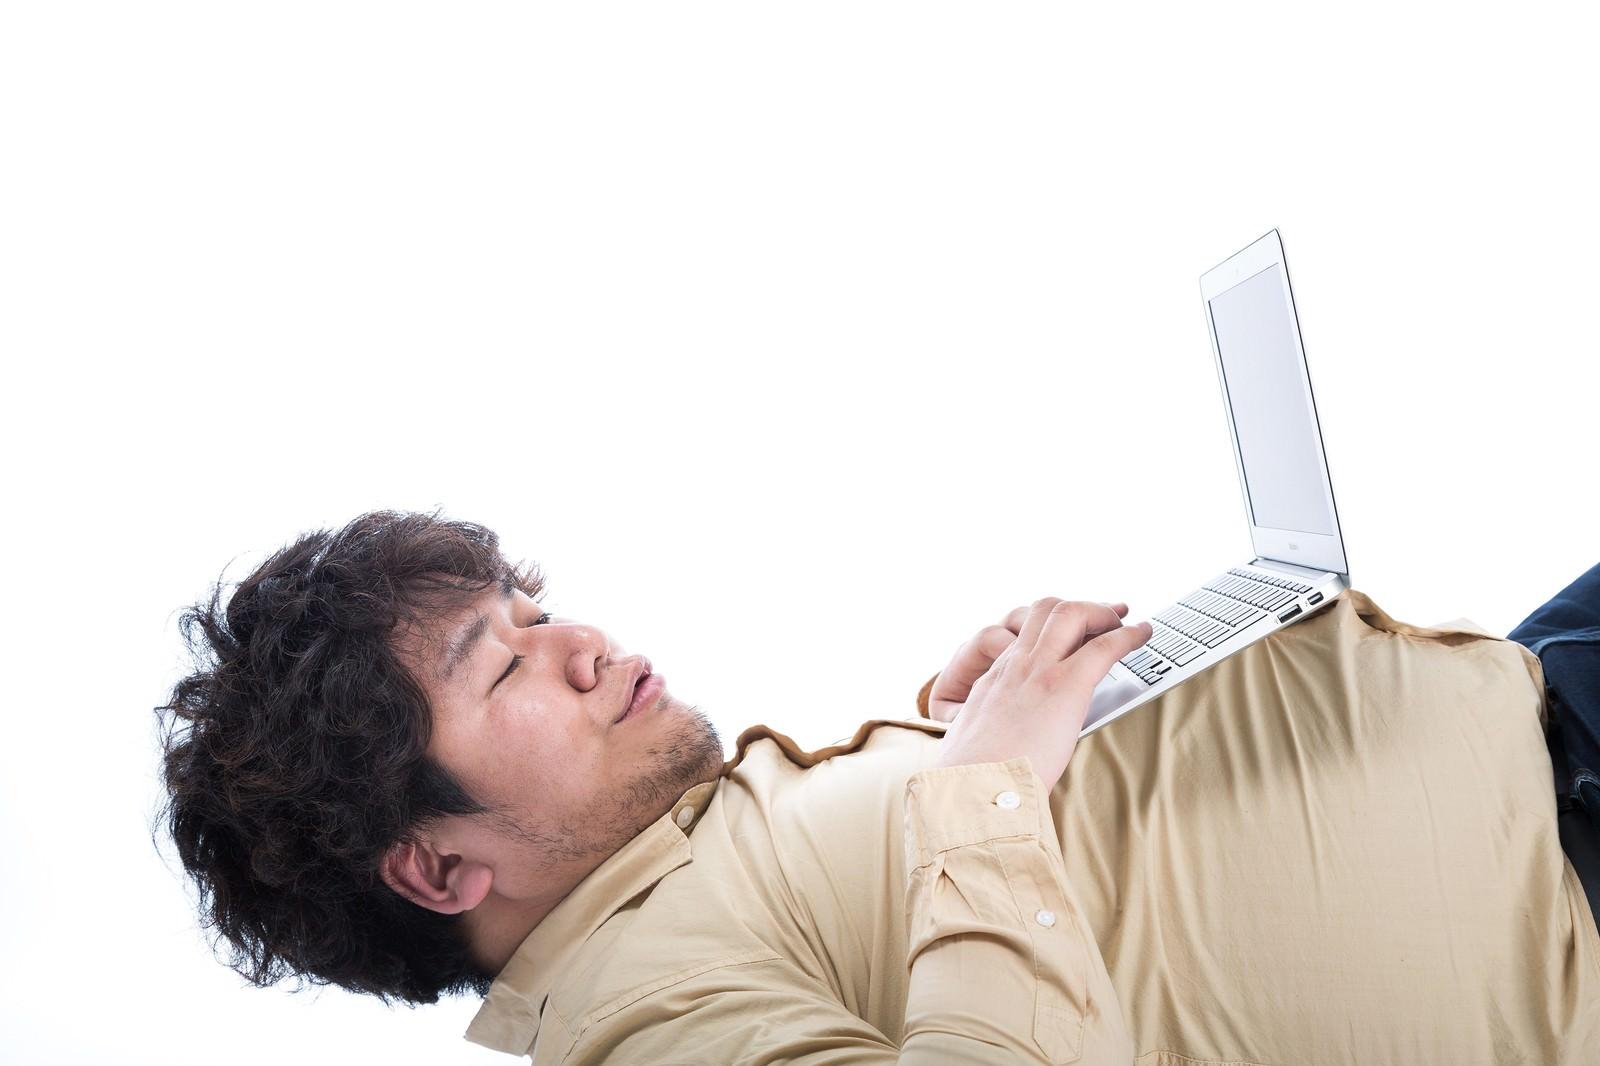 「「オレの腹に置けばどんなパソコンもデスクトップになる(ドヤッ)」」の写真[モデル:朽木誠一郎]